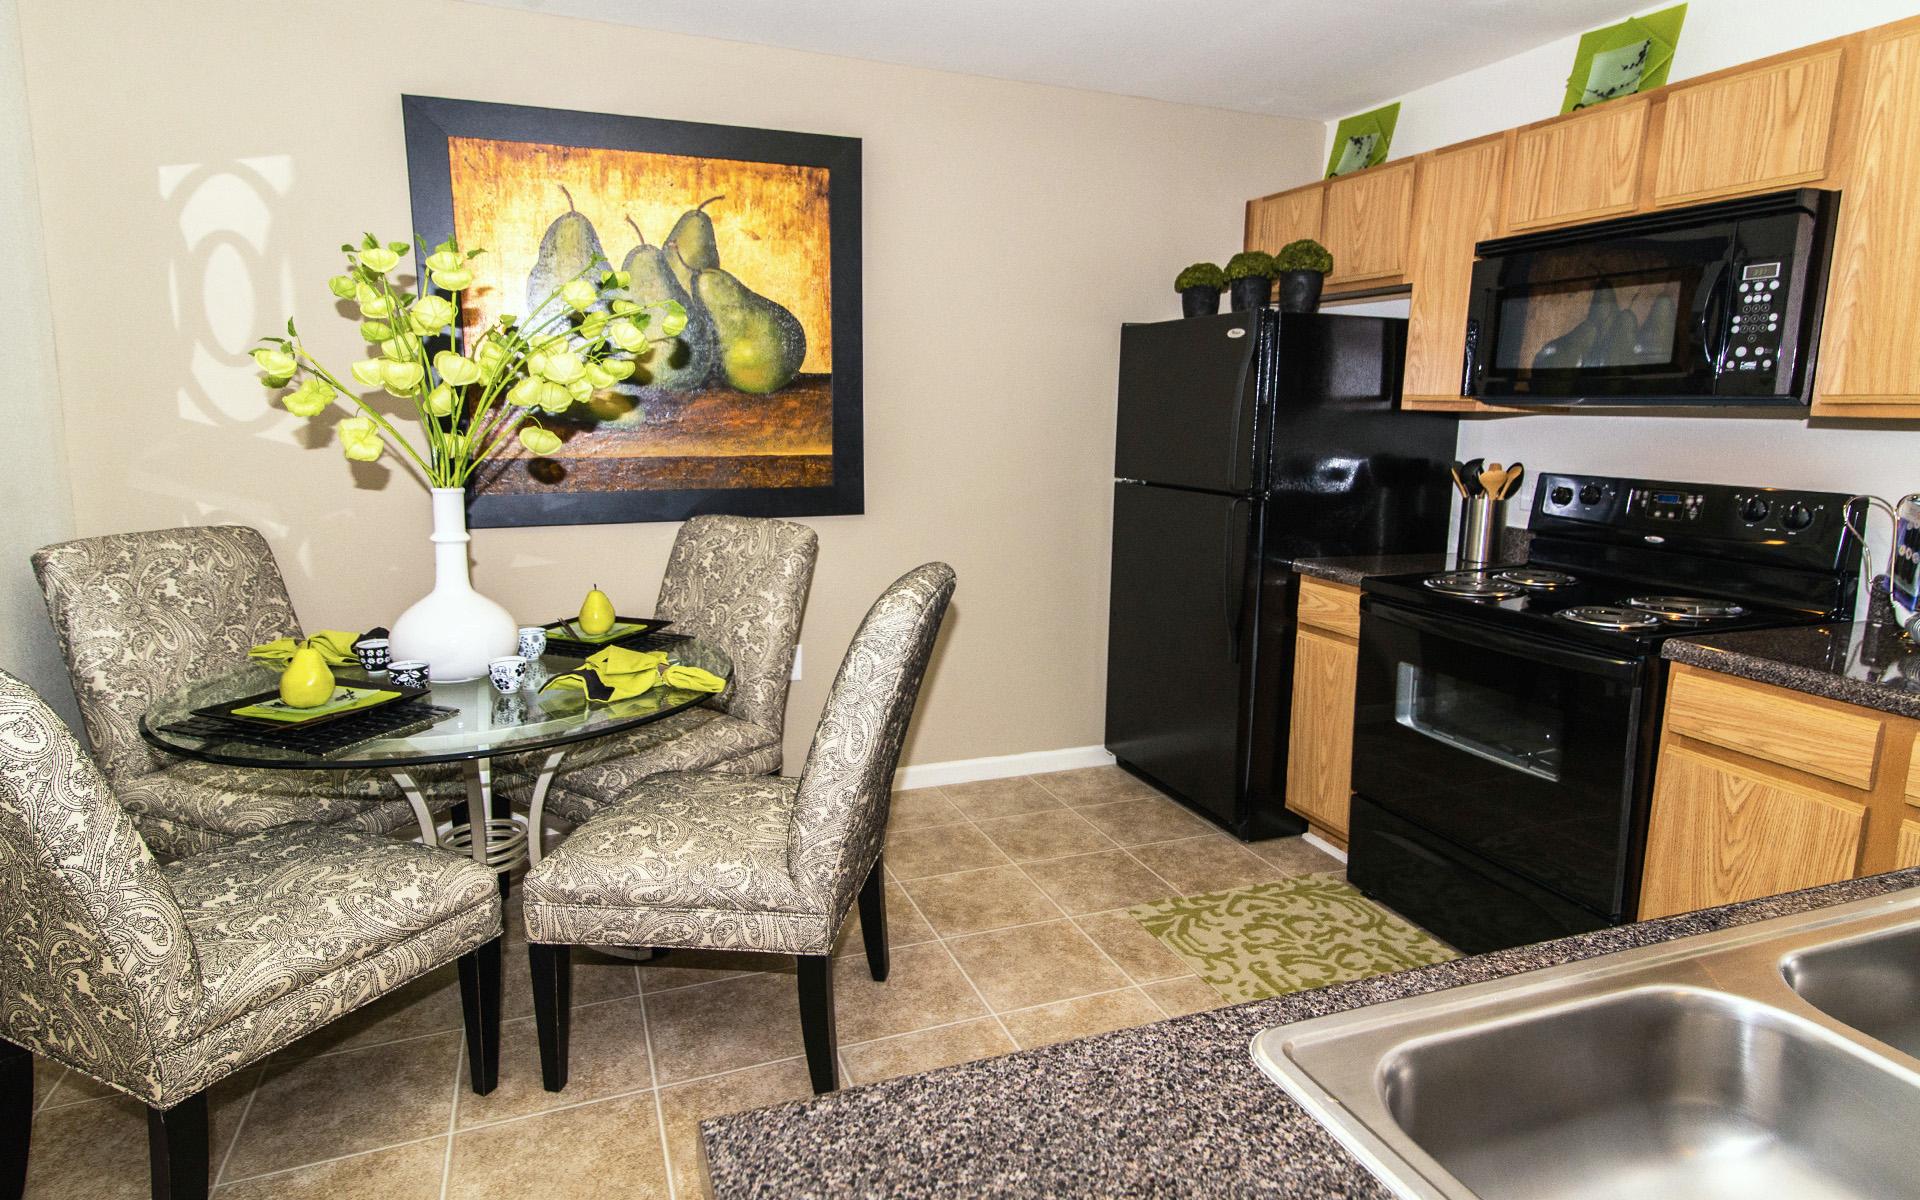 Eat In Kitchens At Cedarcrest Village Apartments, Lexington, SC, 29072